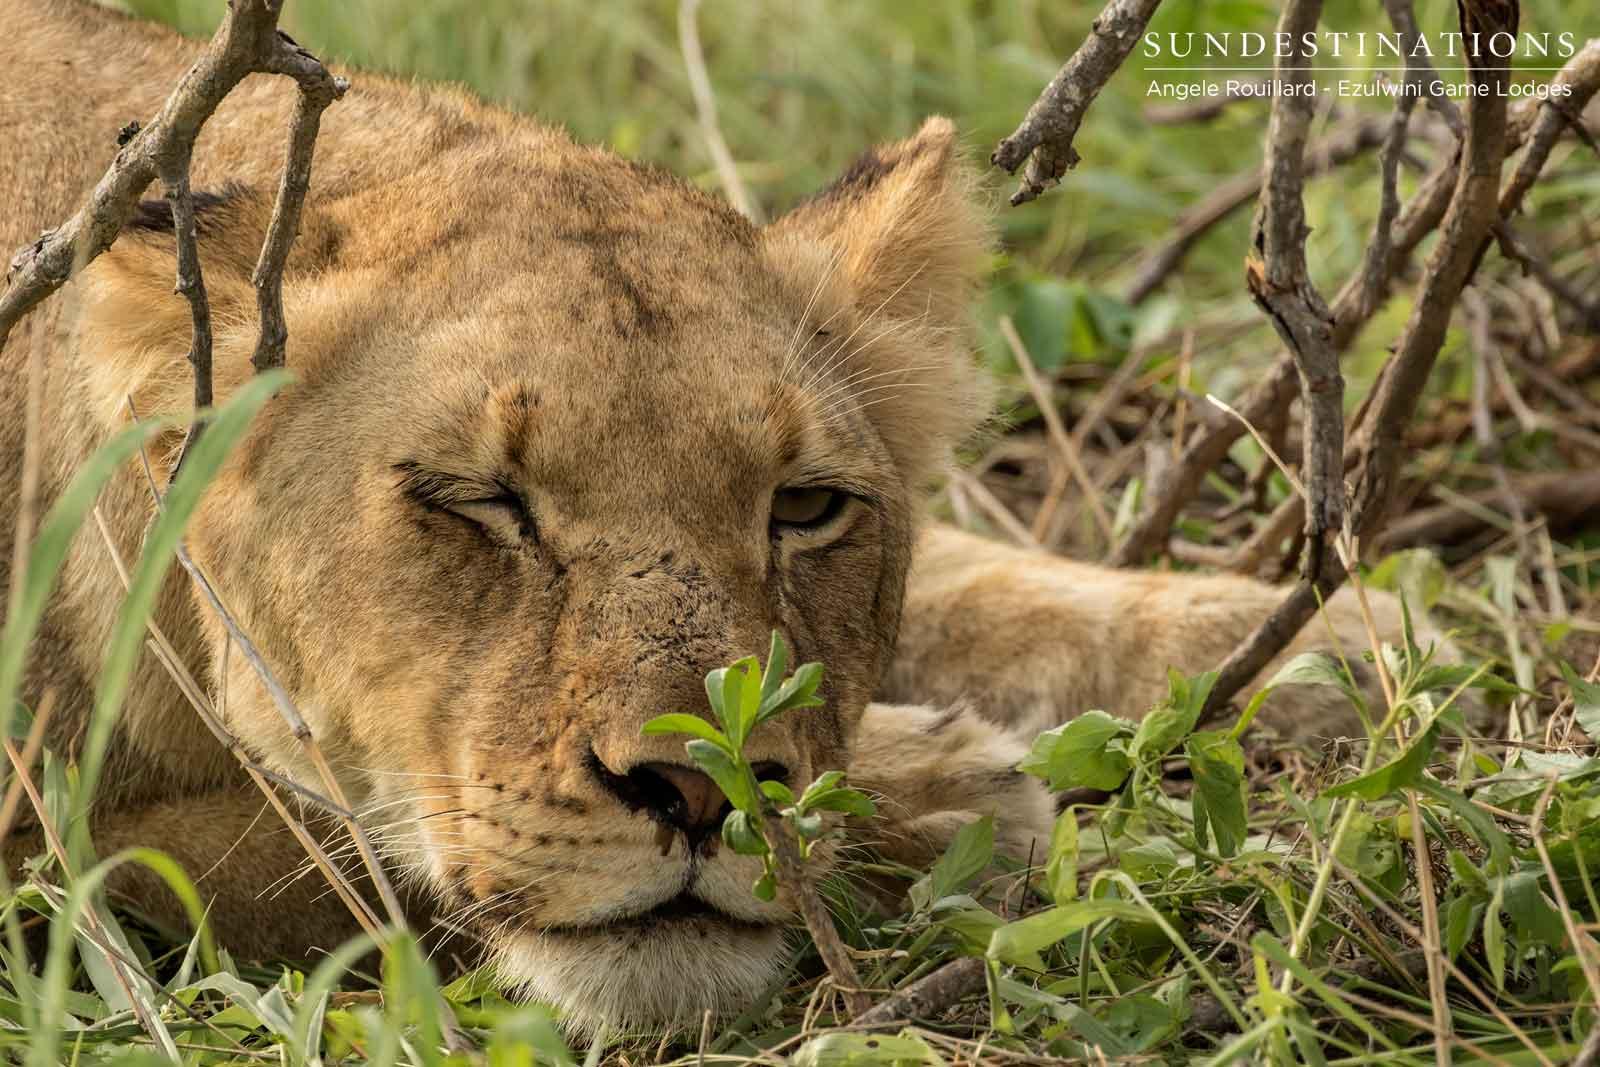 Kudyela Lions at Ezulwini Game Lodges